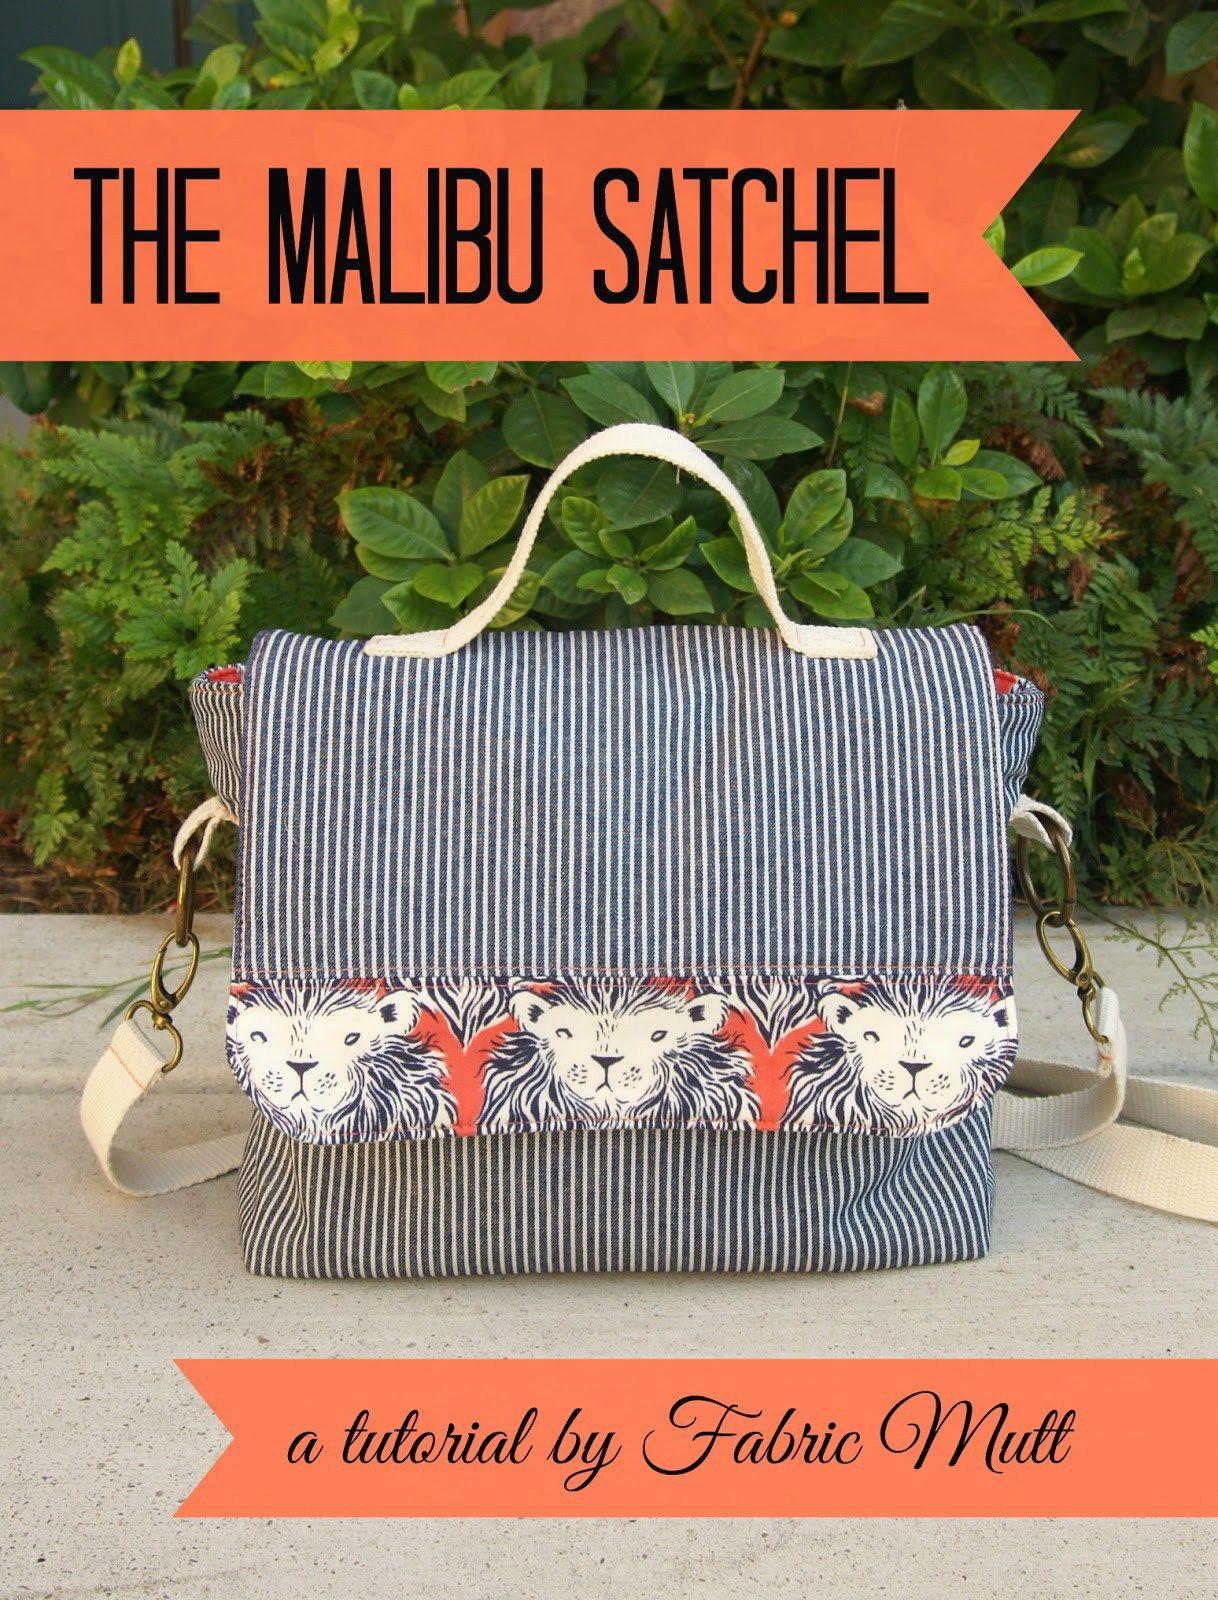 The Malibu Satchel - free pattern | Pinterest | Taschen nähen, Nähen ...